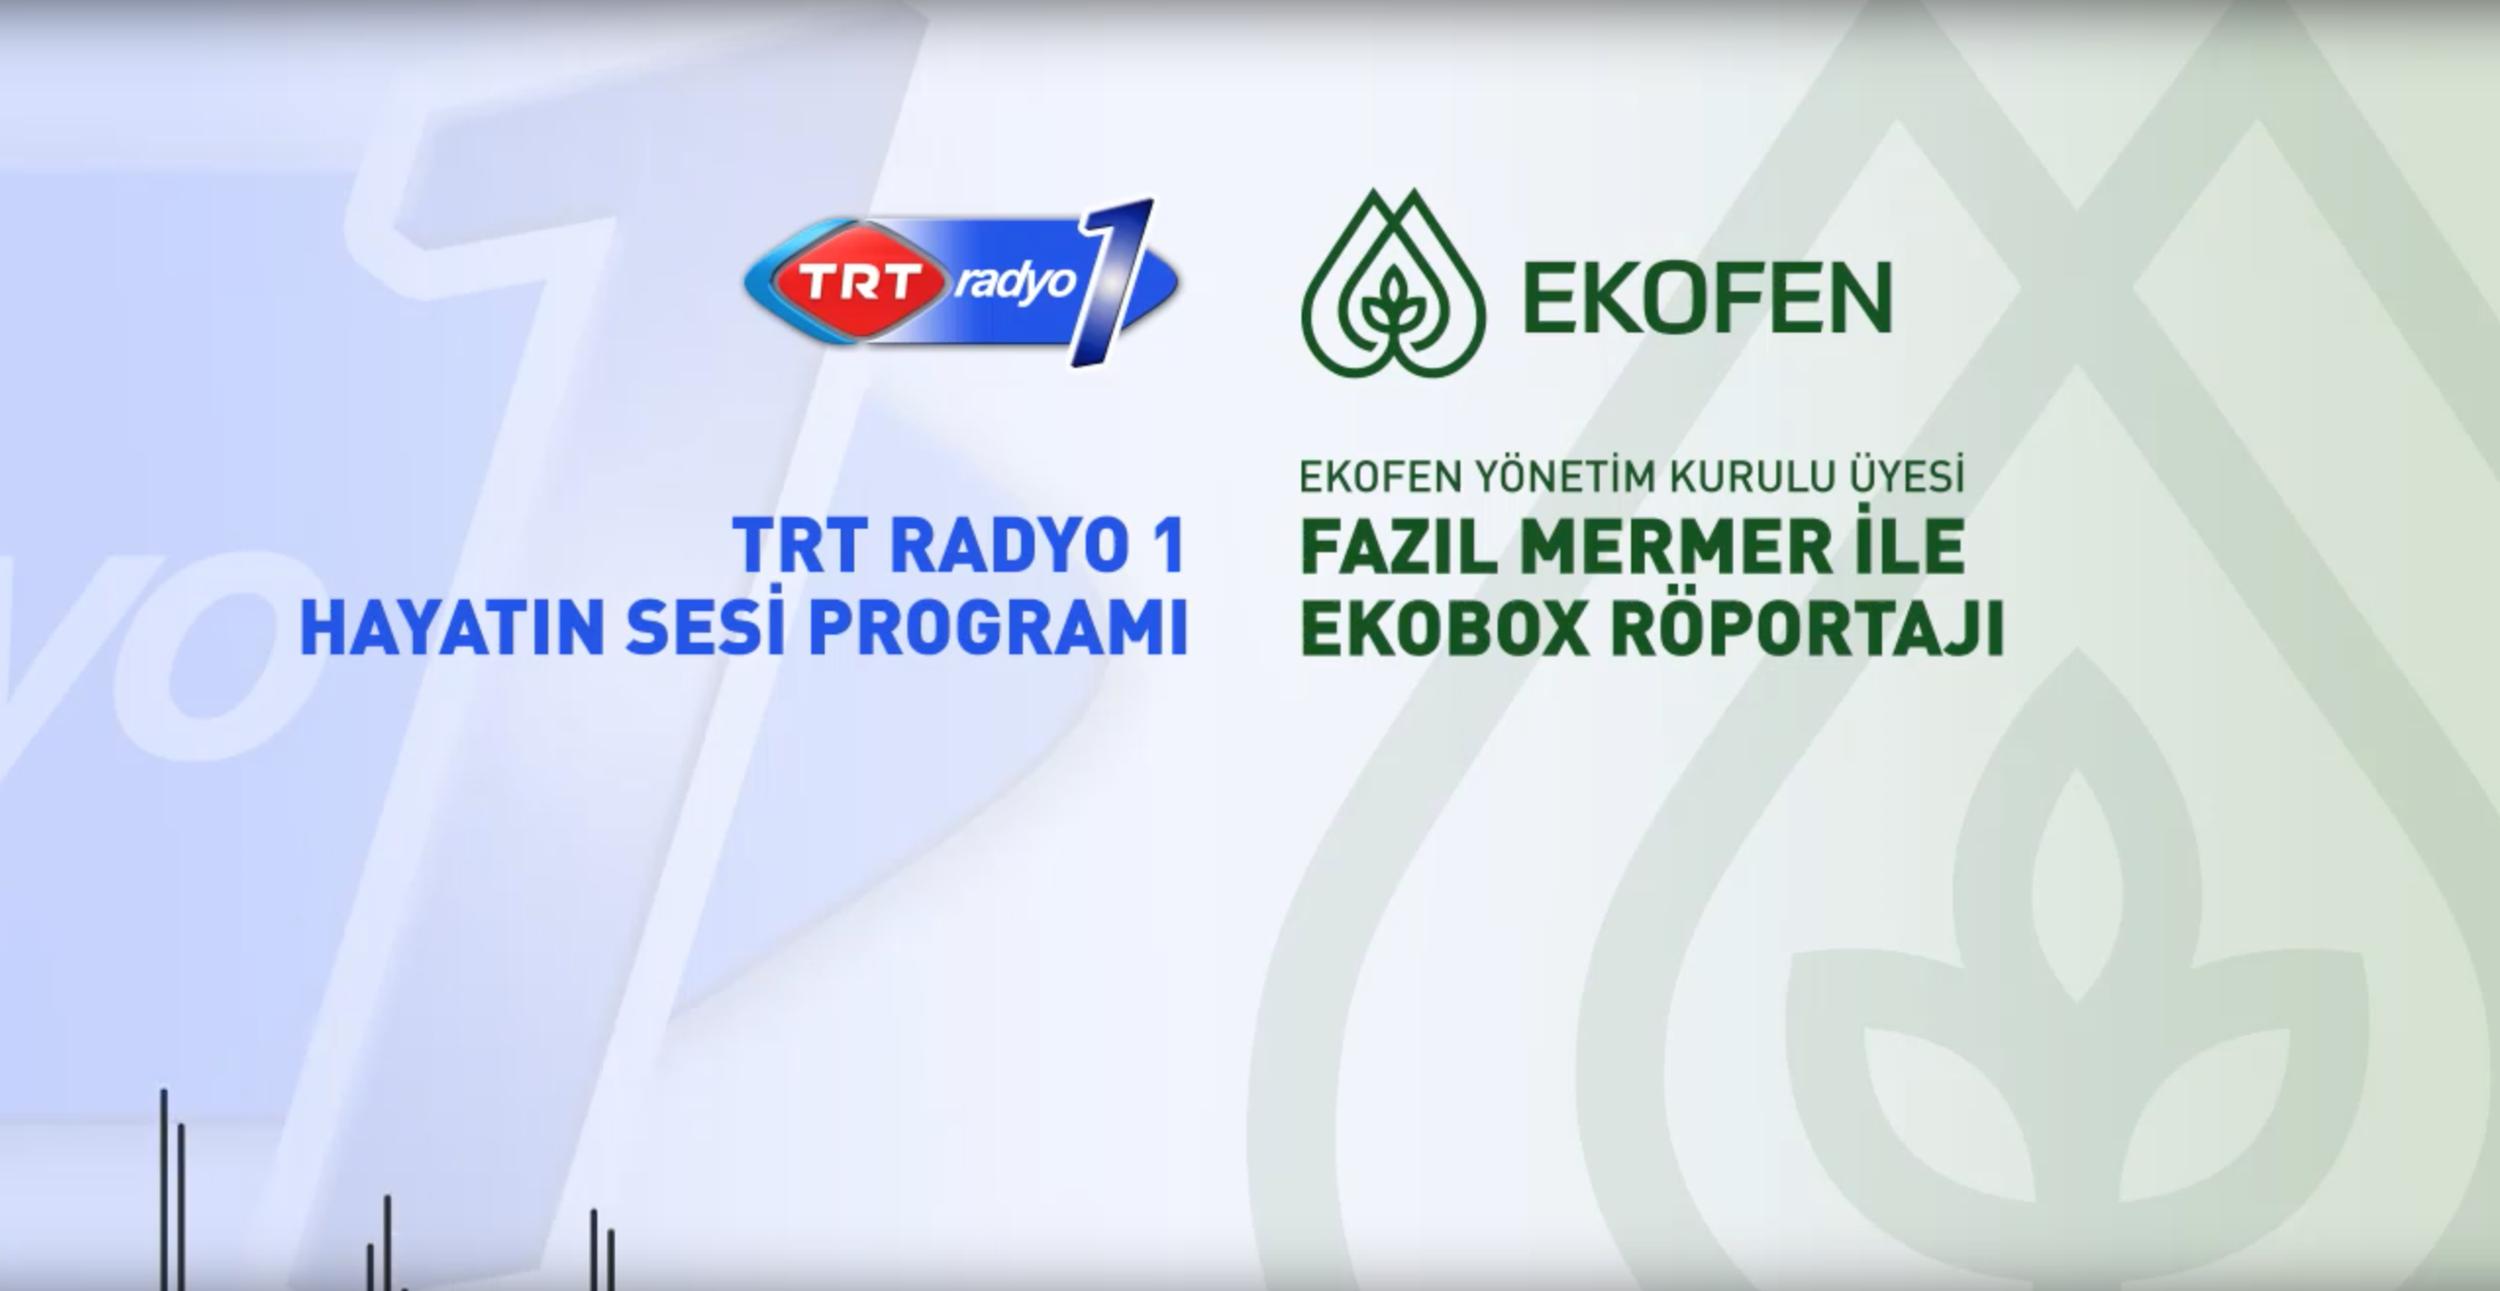 TRT Radyo 1 Hayatın Sesi Programı - Ekofen Ekobox Röportajı